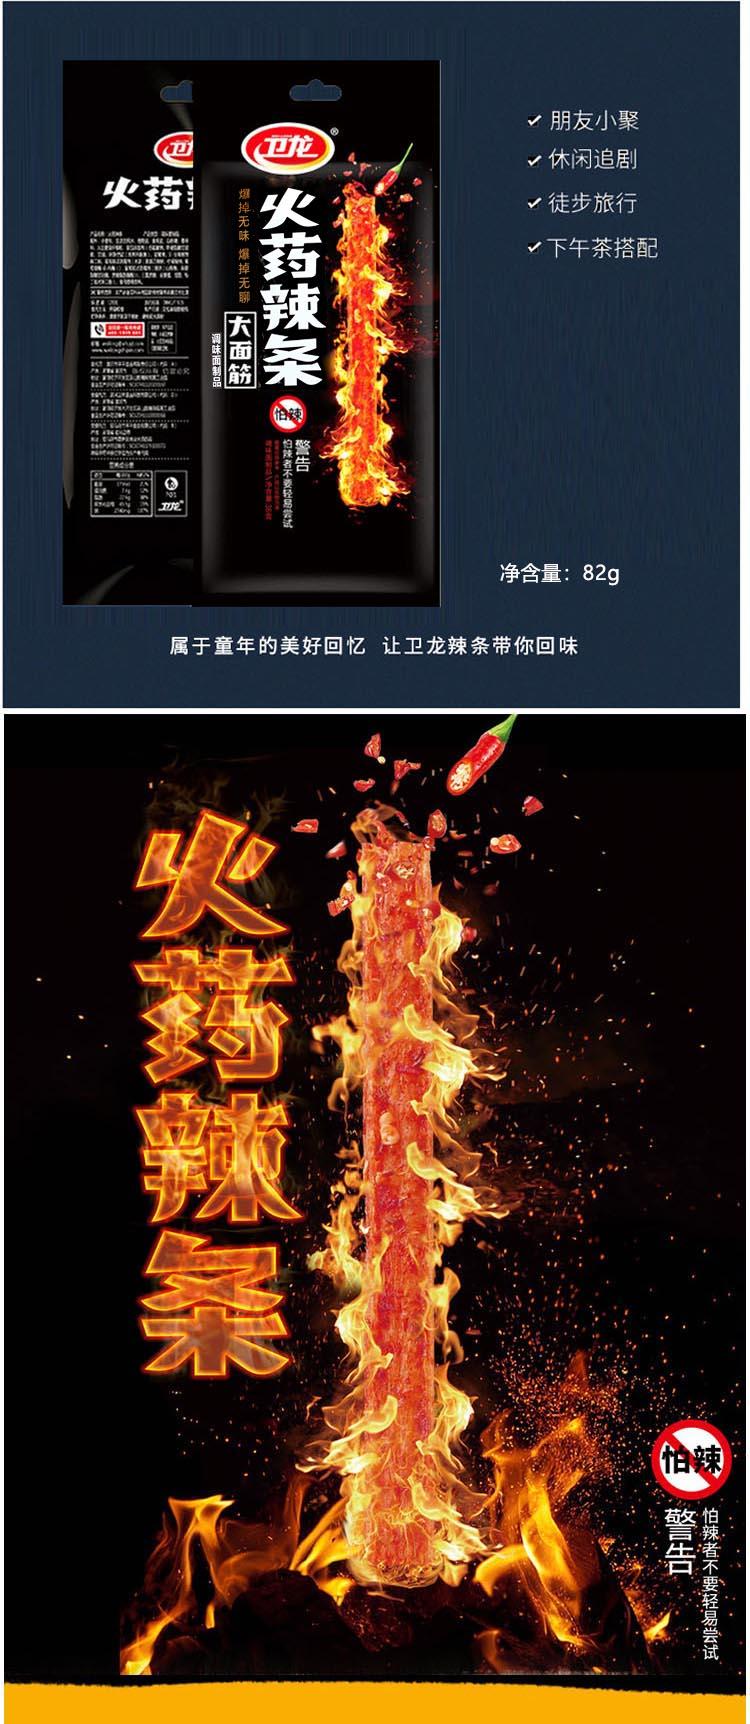 卫龙 休闲零食 火药辣条 变态辣条 大辣条 大面筋82g/袋-京东